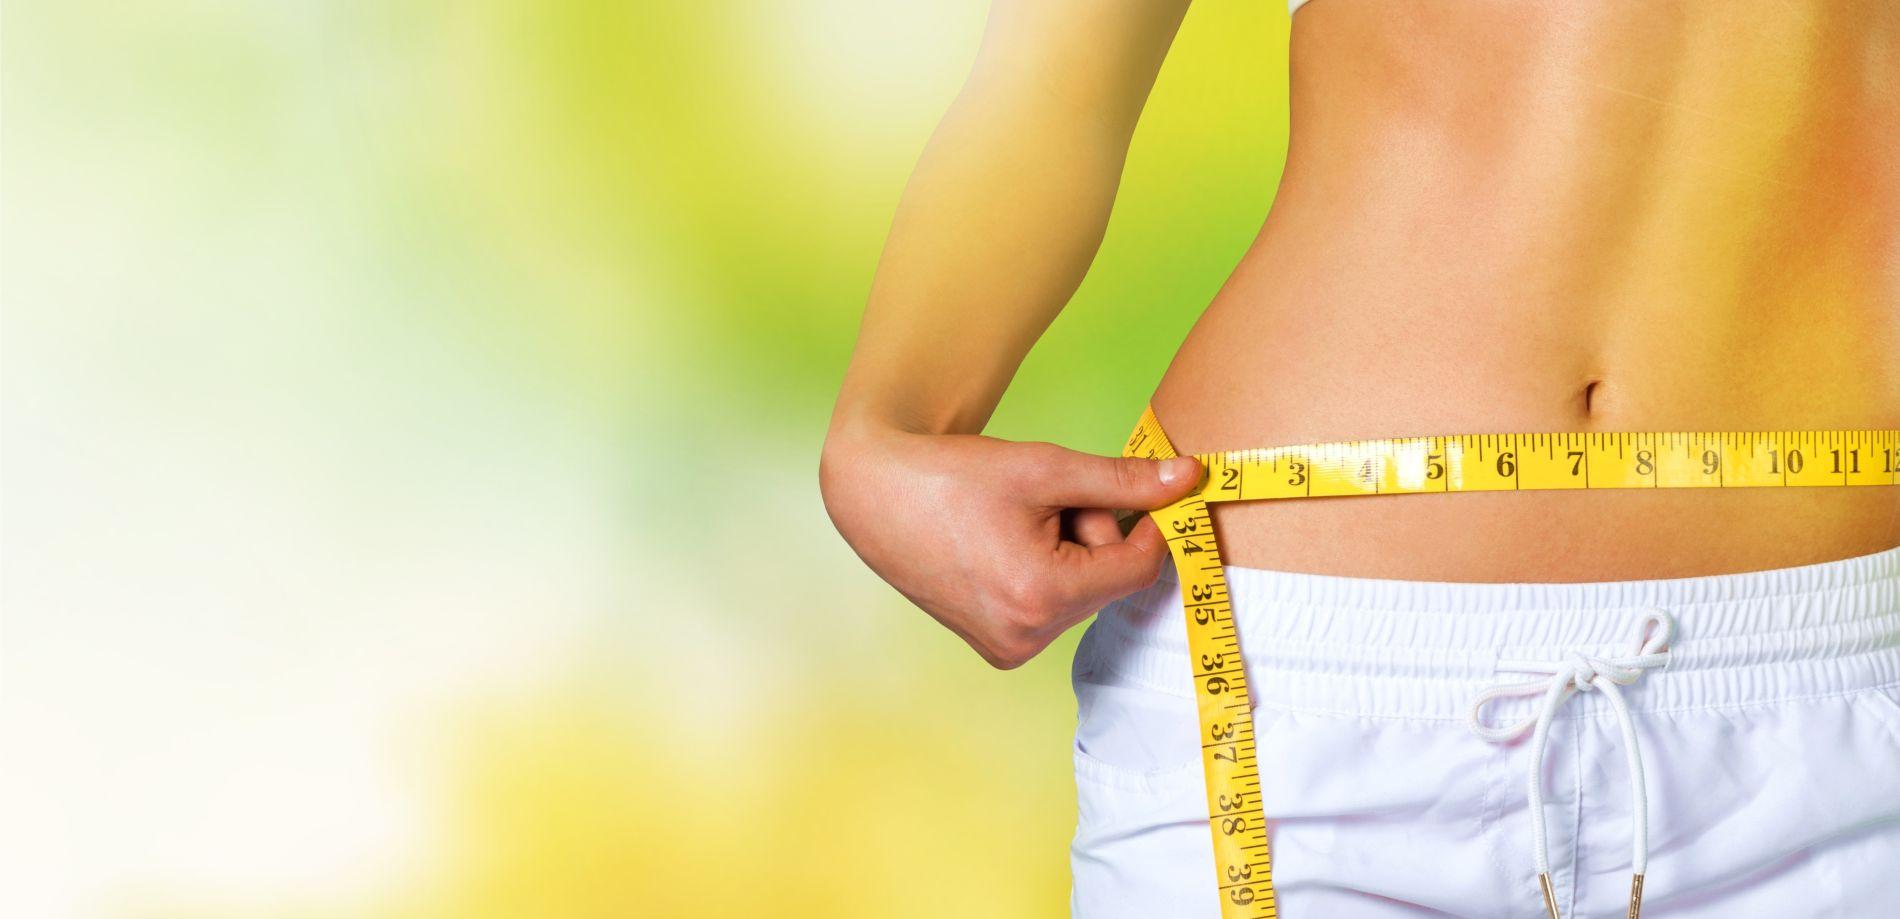 bonuri de pierdere în greutate dudley